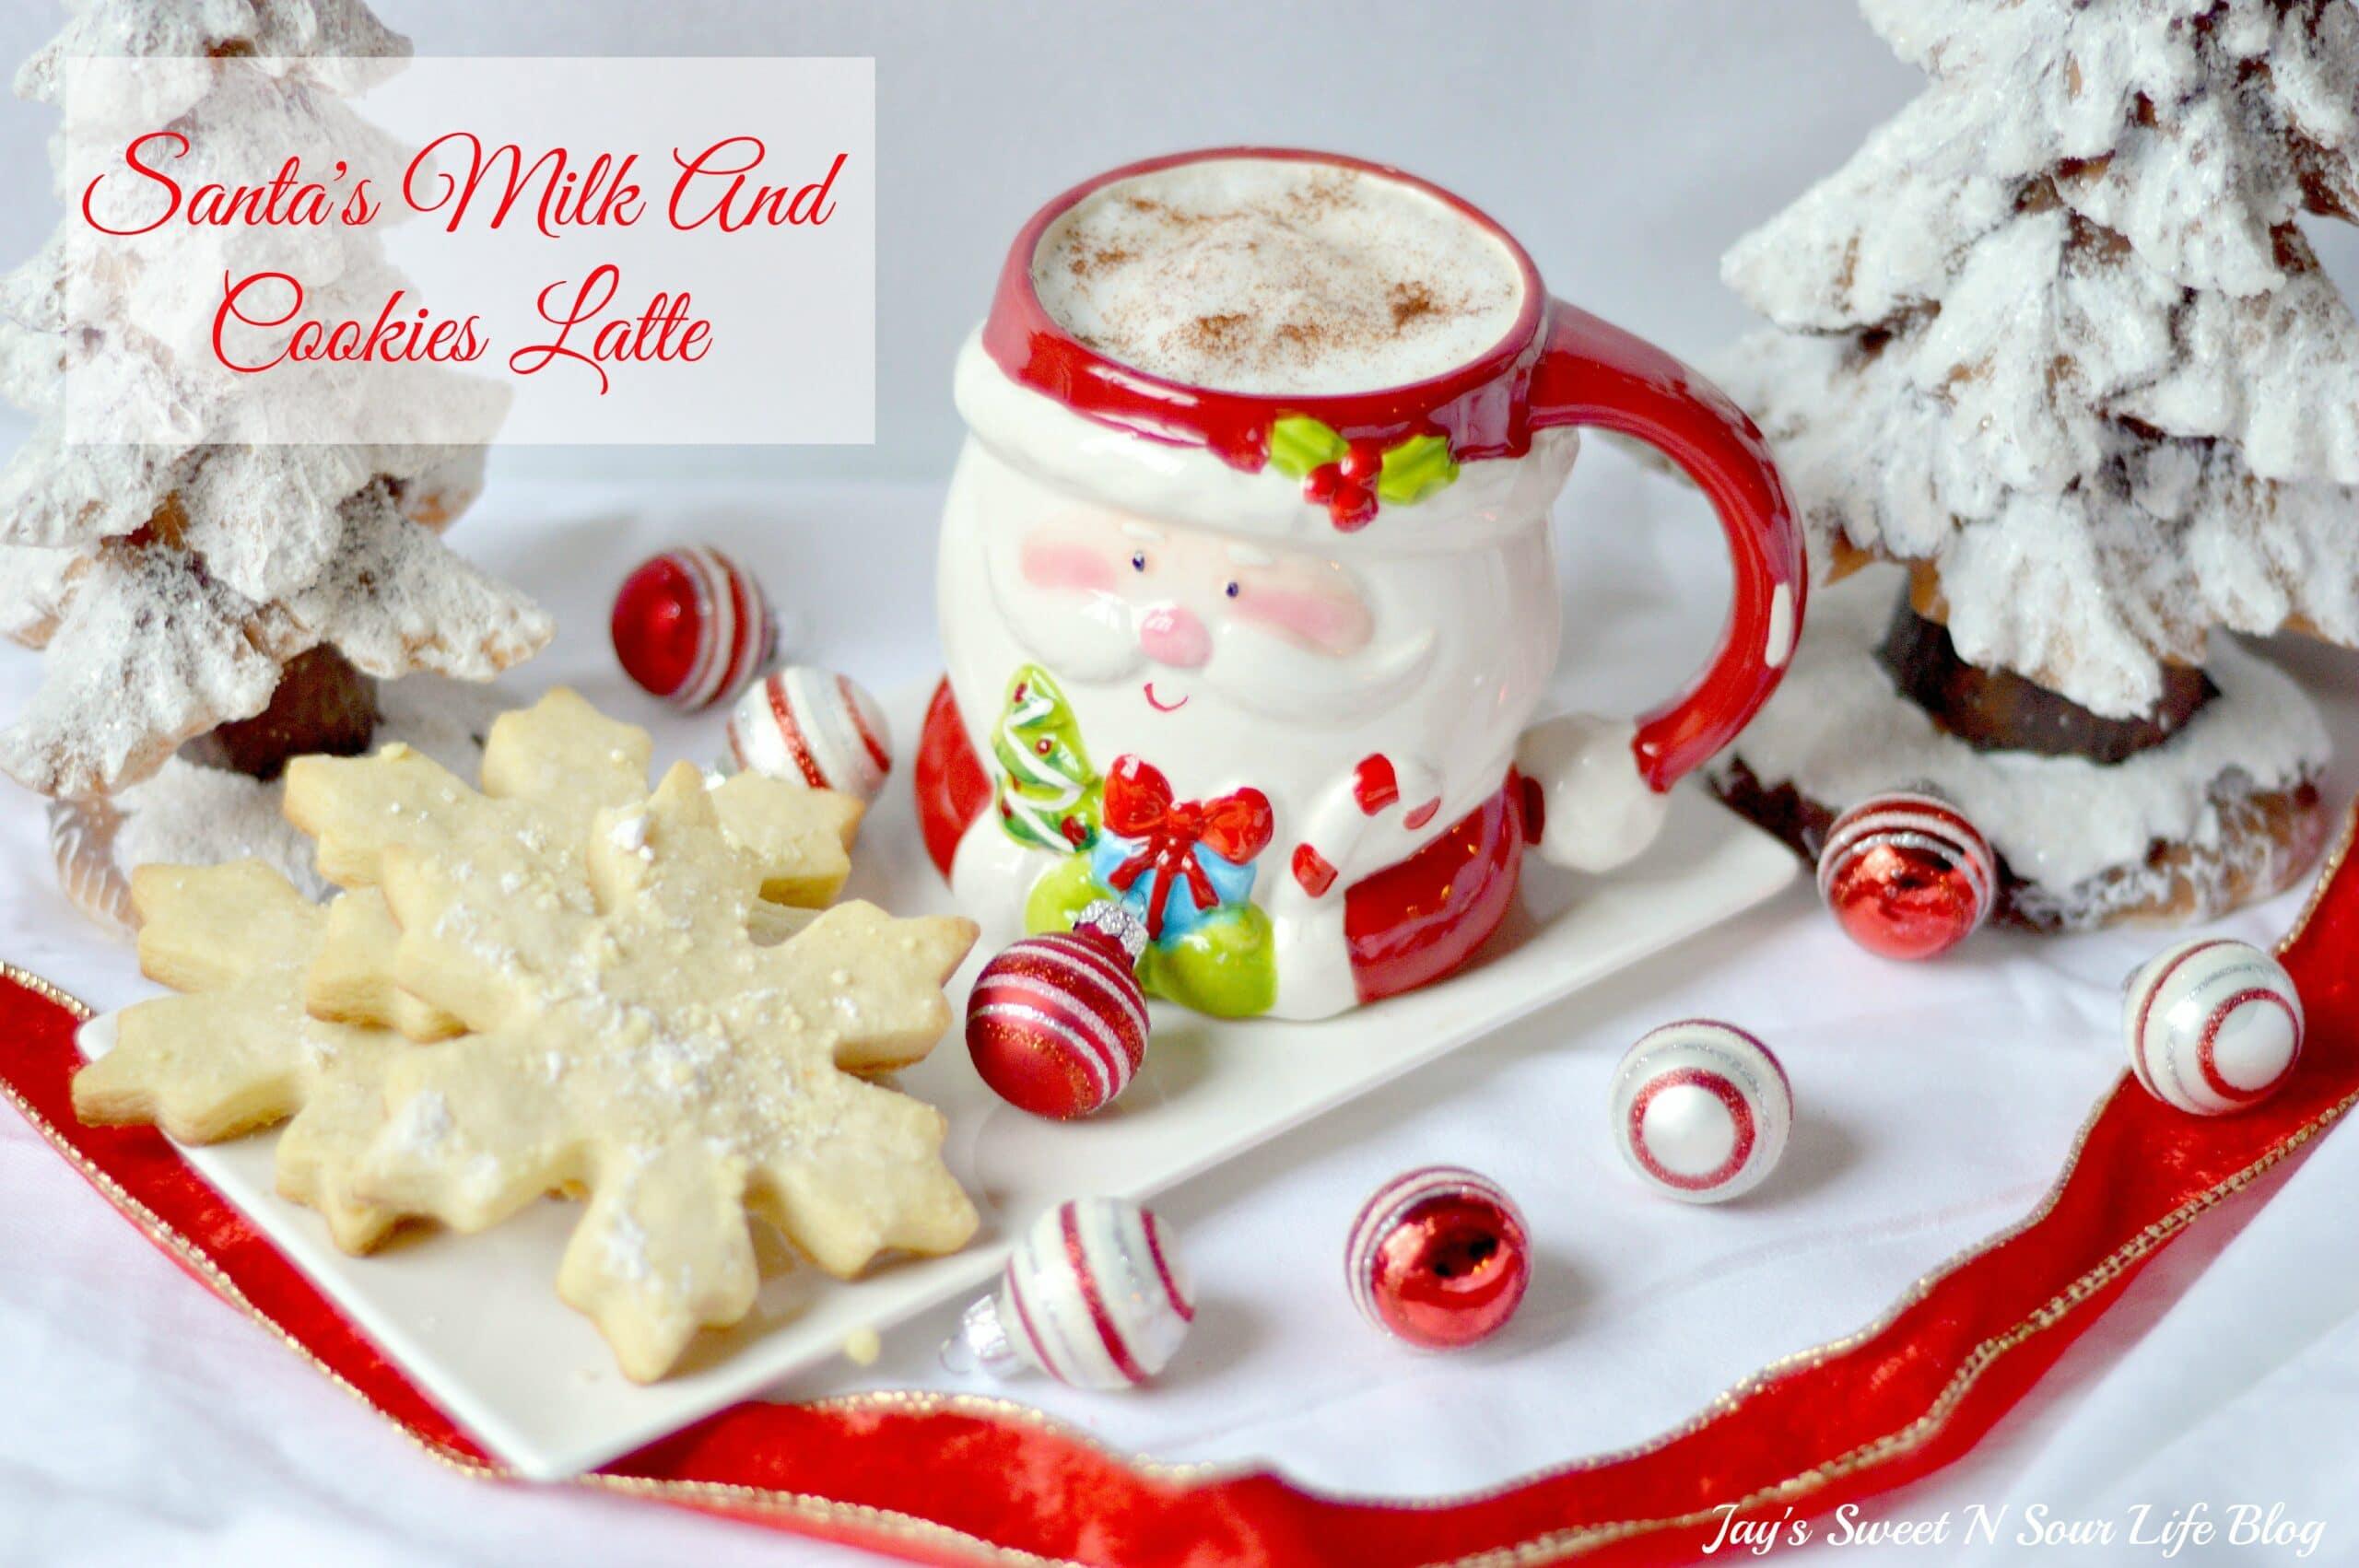 Santa's Milk And Cookies Latte